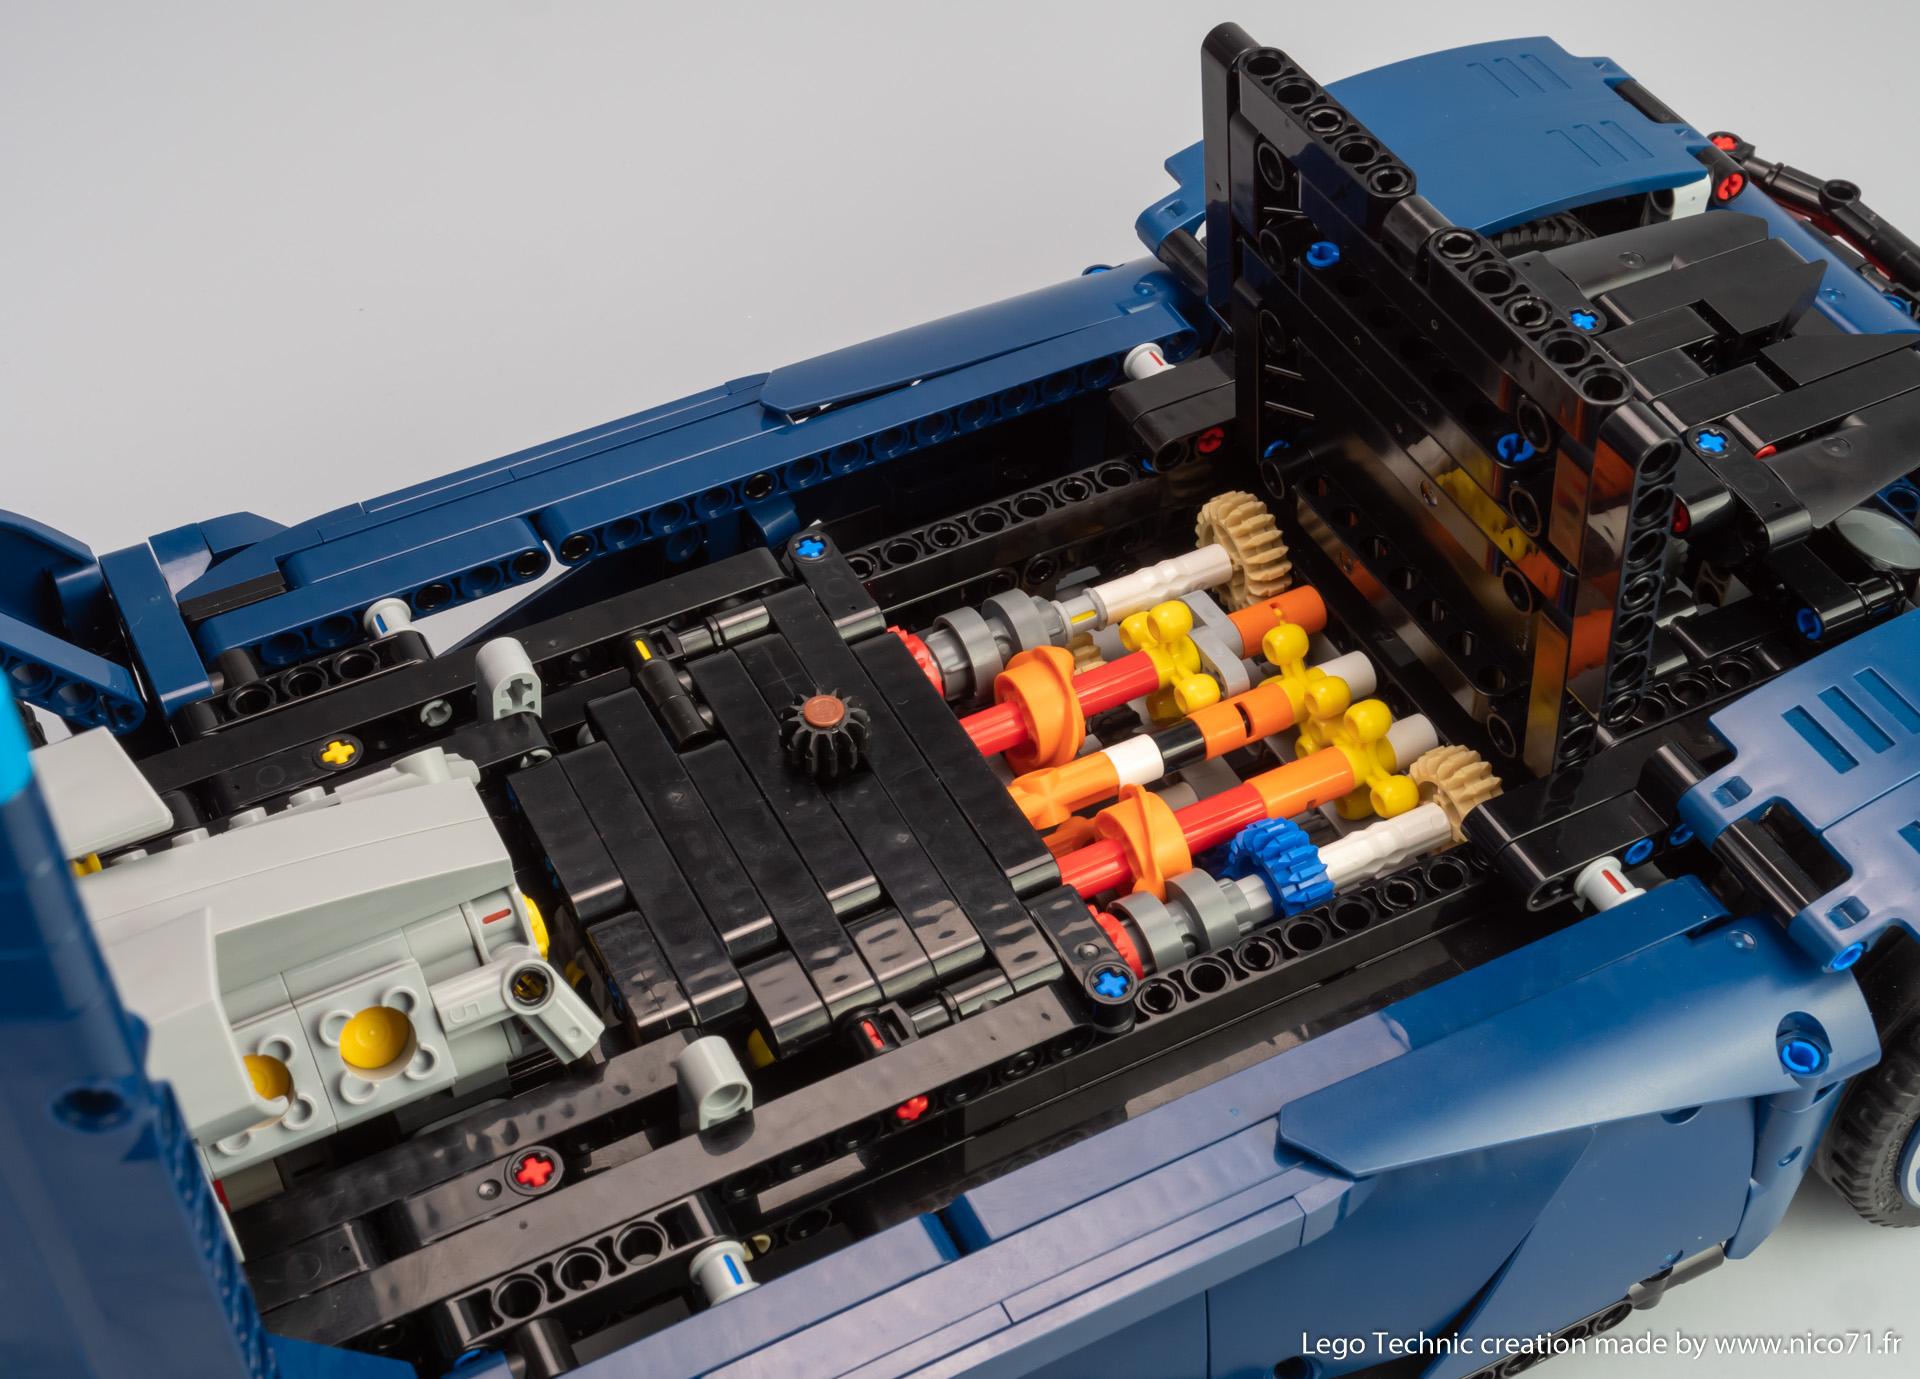 Lego-42083-model-b-race-truck-11